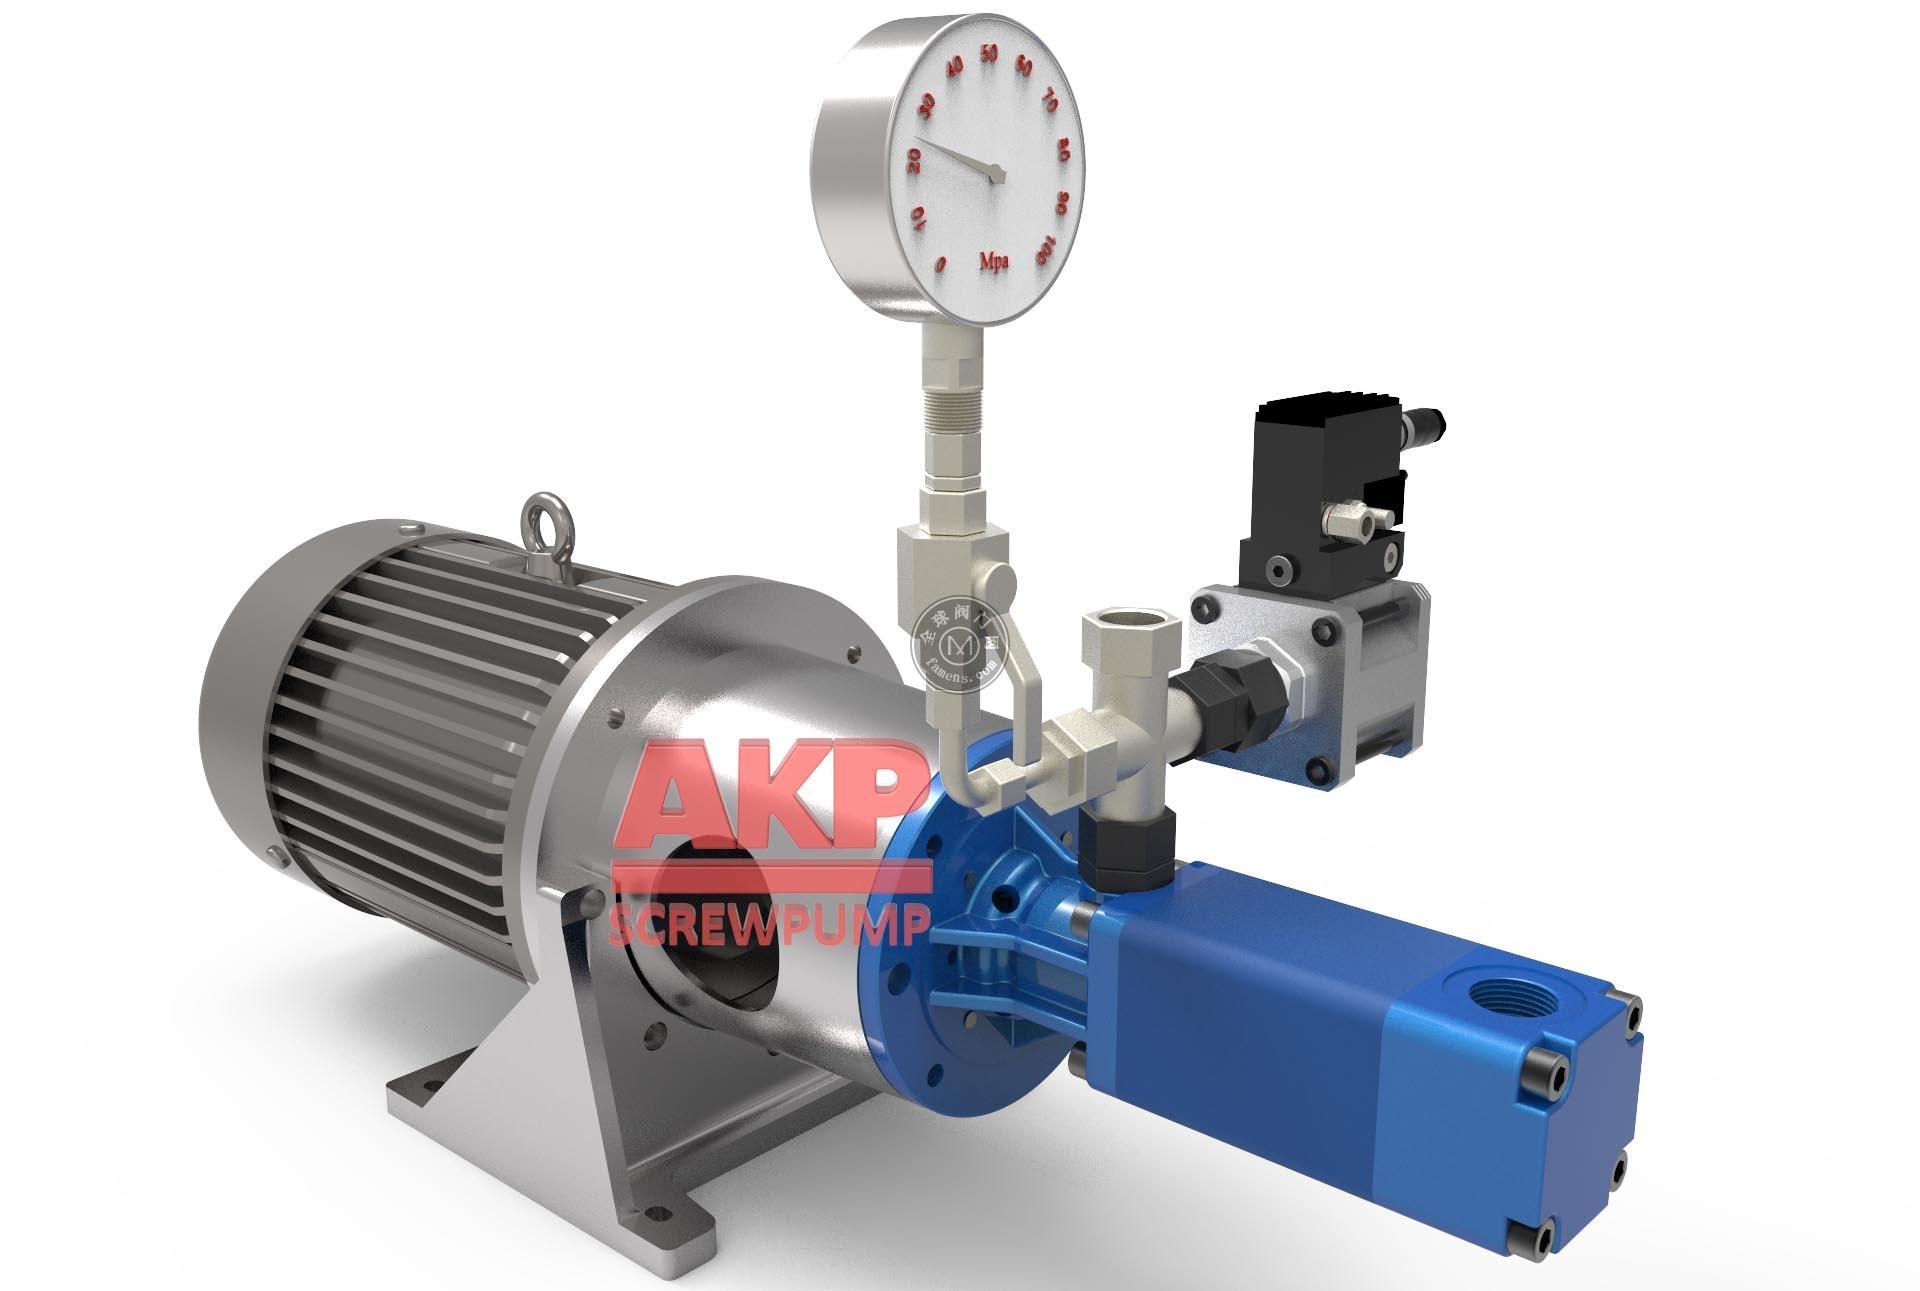 高压机床冷却泵ATS25-60-S-L-A-G-KB 流量37.5升每分钟压力70bar主轴中心出水刀具冷却排屑断屑现货配套供应